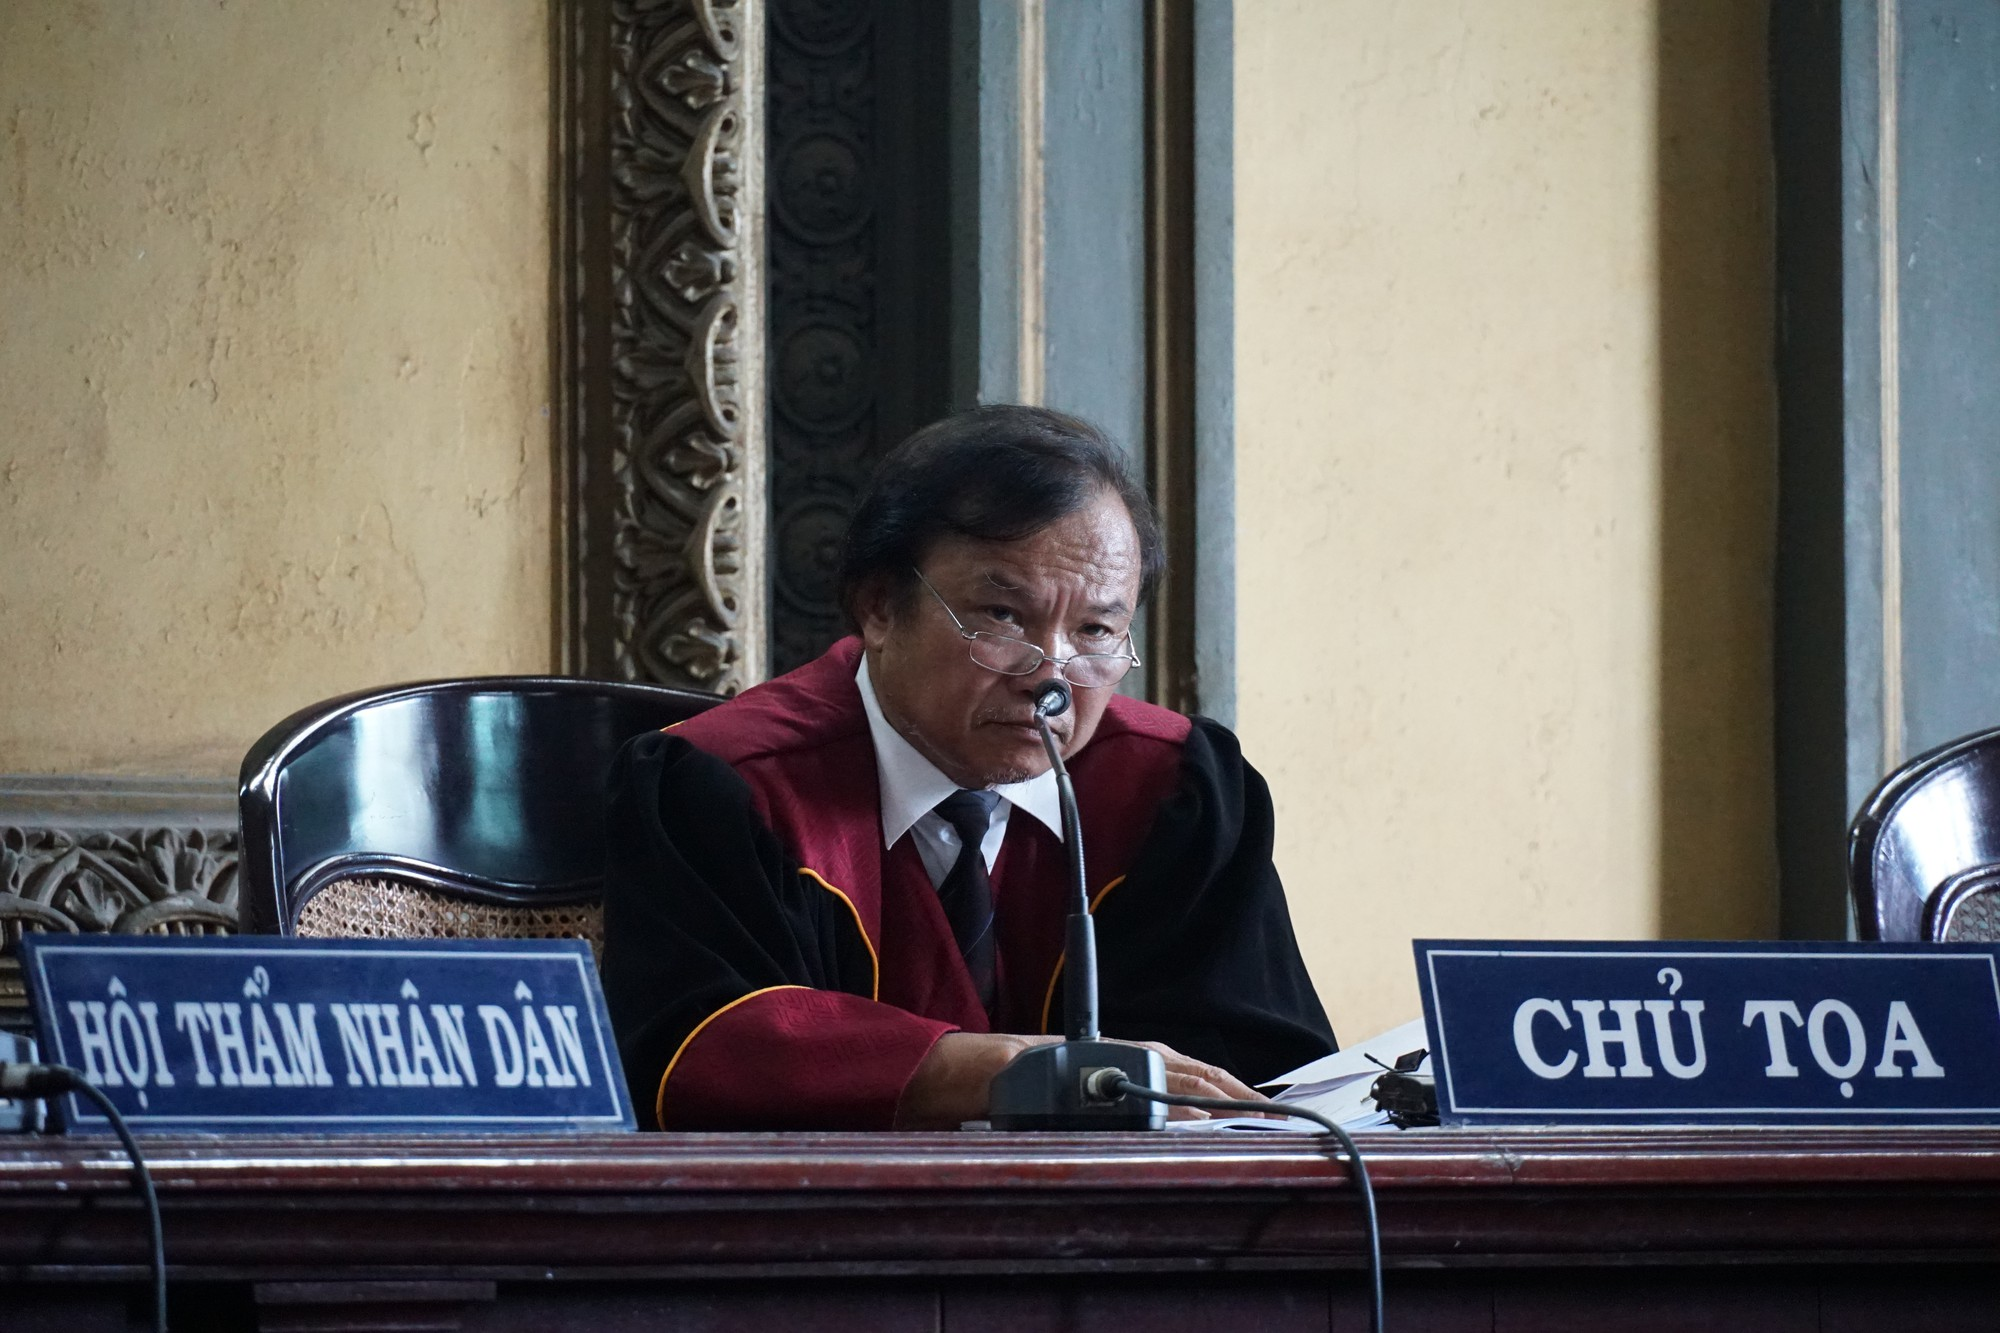 Bà Lê Hoàng Diệp Thảo: Tòa cưỡng ép li hôn, không cho gia đình tôi đoàn tụ - Ảnh 2.